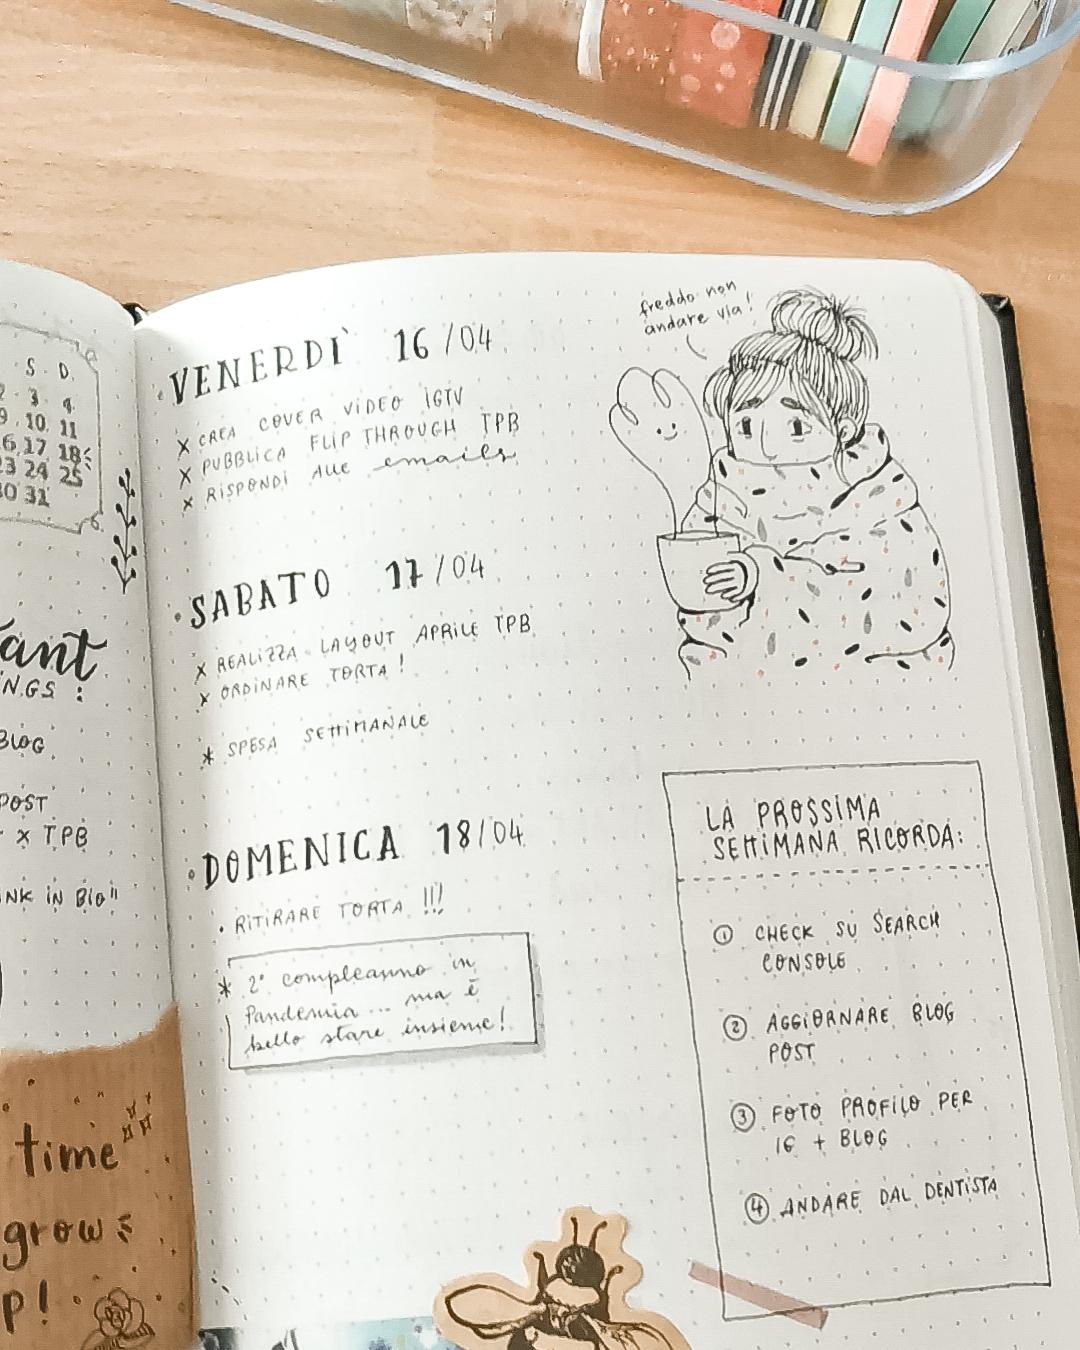 TravelPaperBook: il Bullet Journal che viaggia per l'Italia!